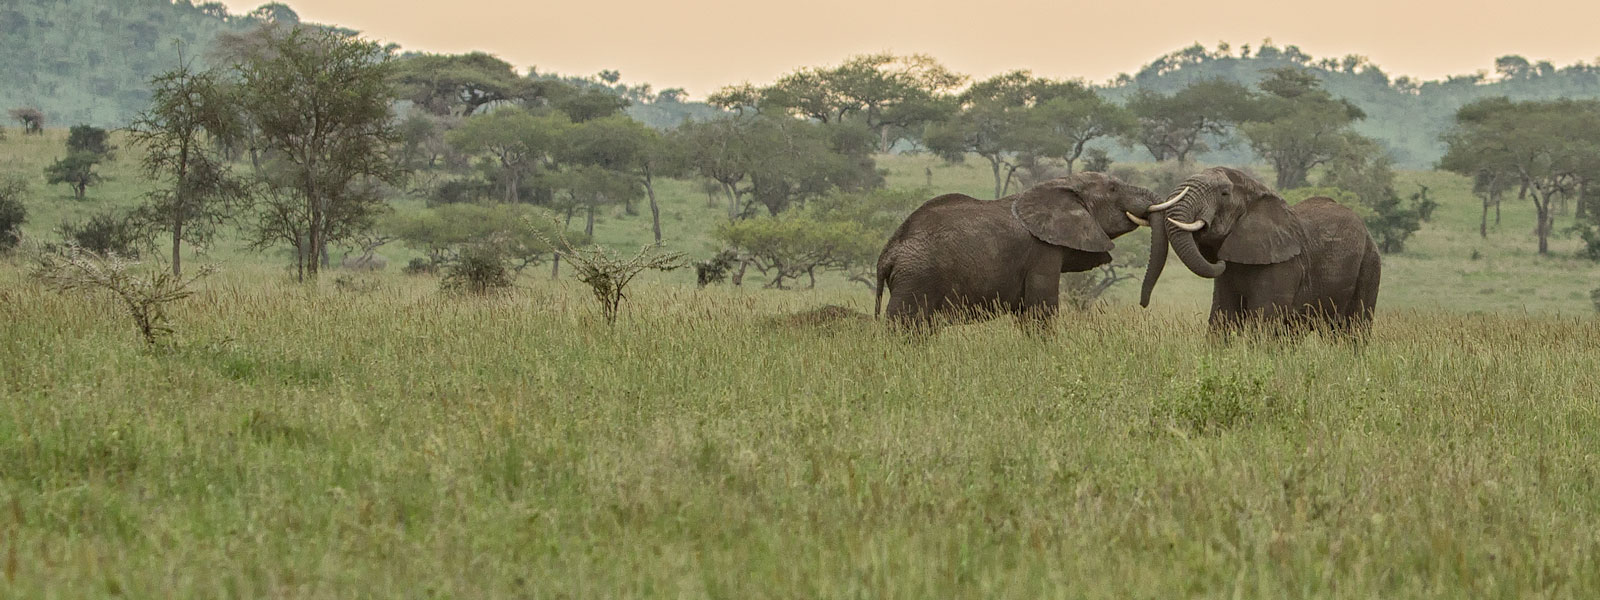 MG_0284-Elephants_1600x600_SFW-copy